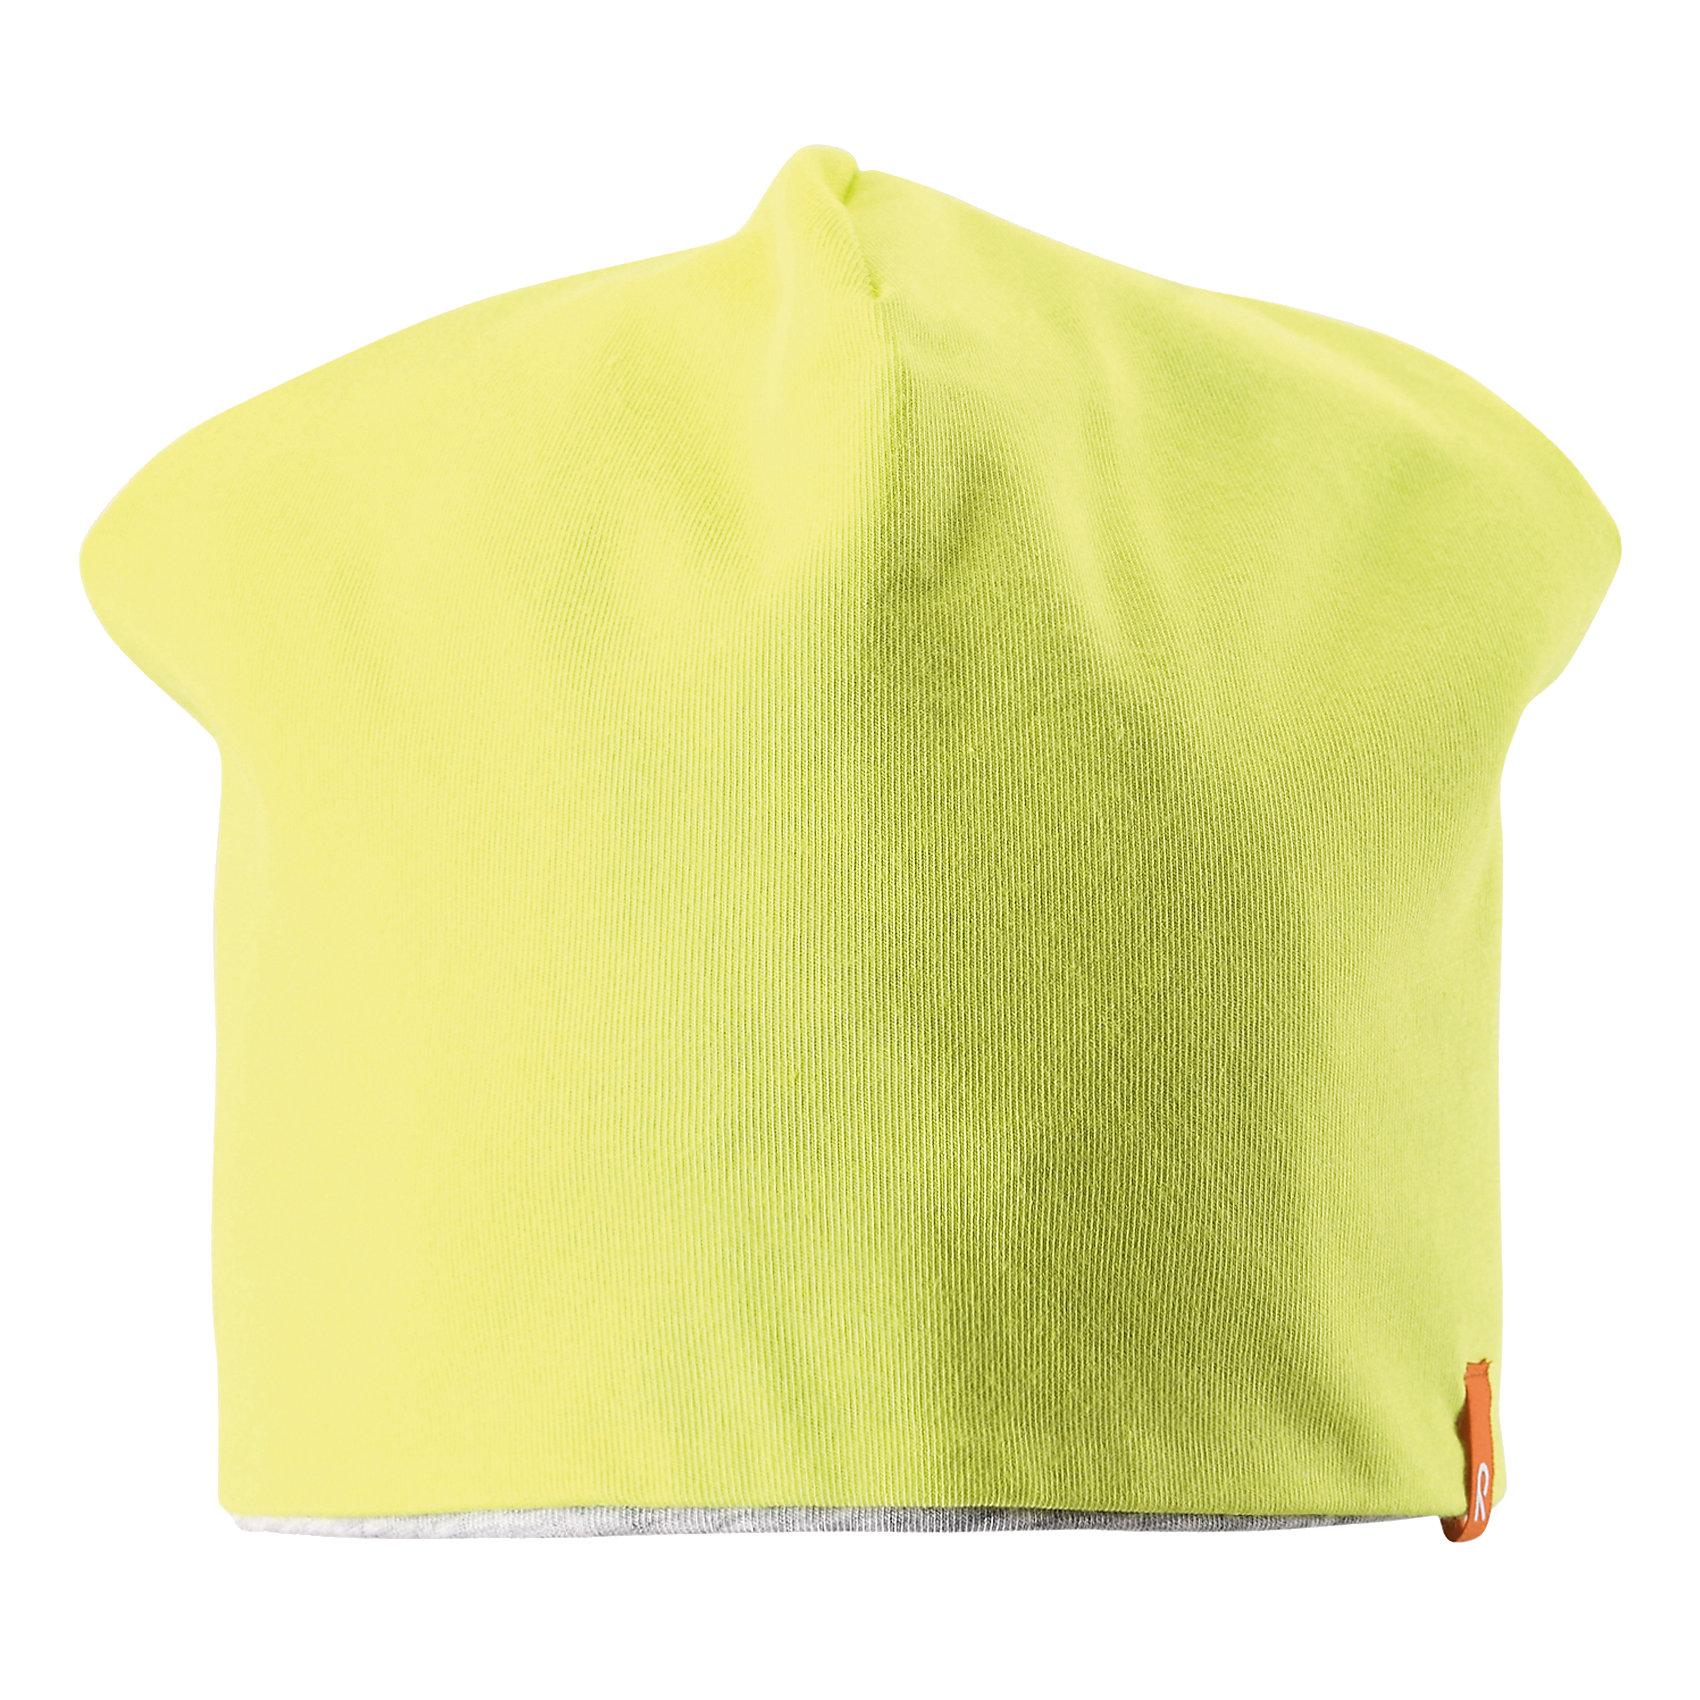 Шапка ReimaЭта яркая шапочка свежей расцветки для малышей и детей постарше идеально подойдет для веселых весенних приключений! Она изготовлена из простого в уходе и быстросохнущего материла Play Jersey®, эффективно выводящего влагу с кожи во время подвижных игр на свежем воздухе. Обратите внимание, что она имеет УФ-защиту 40+. Стиля много не бывает! Озорная двухсторонняя шапочка в одно мгновение превращается из полосатой в однотонную! <br><br>Дополнительная информация:<br><br>Двухсторонняя шапка «Бини» для детей и малышей<br>Быстросохнущий материал Play Jersey, приятный на ощупь<br>Фактор защиты от ультрафиолета 40+<br>Двухсторонняя модель<br>Сплошная подкладка: отводящий влагу материал Play Jersey<br>Логотип Reima® спереди<br>Состав:<br>65% ХЛ 30% ПЭ 5% ЭЛ<br>Уход:<br>Стирать с бельем одинакового цвета, вывернув наизнанку. Полоскать без специального средства. Придать первоначальную форму вo влажном виде.<br><br>Ширина мм: 89<br>Глубина мм: 117<br>Высота мм: 44<br>Вес г: 155<br>Цвет: желтый<br>Возраст от месяцев: 84<br>Возраст до месяцев: 144<br>Пол: Унисекс<br>Возраст: Детский<br>Размер: 56,54,46,50,52,48<br>SKU: 4498216